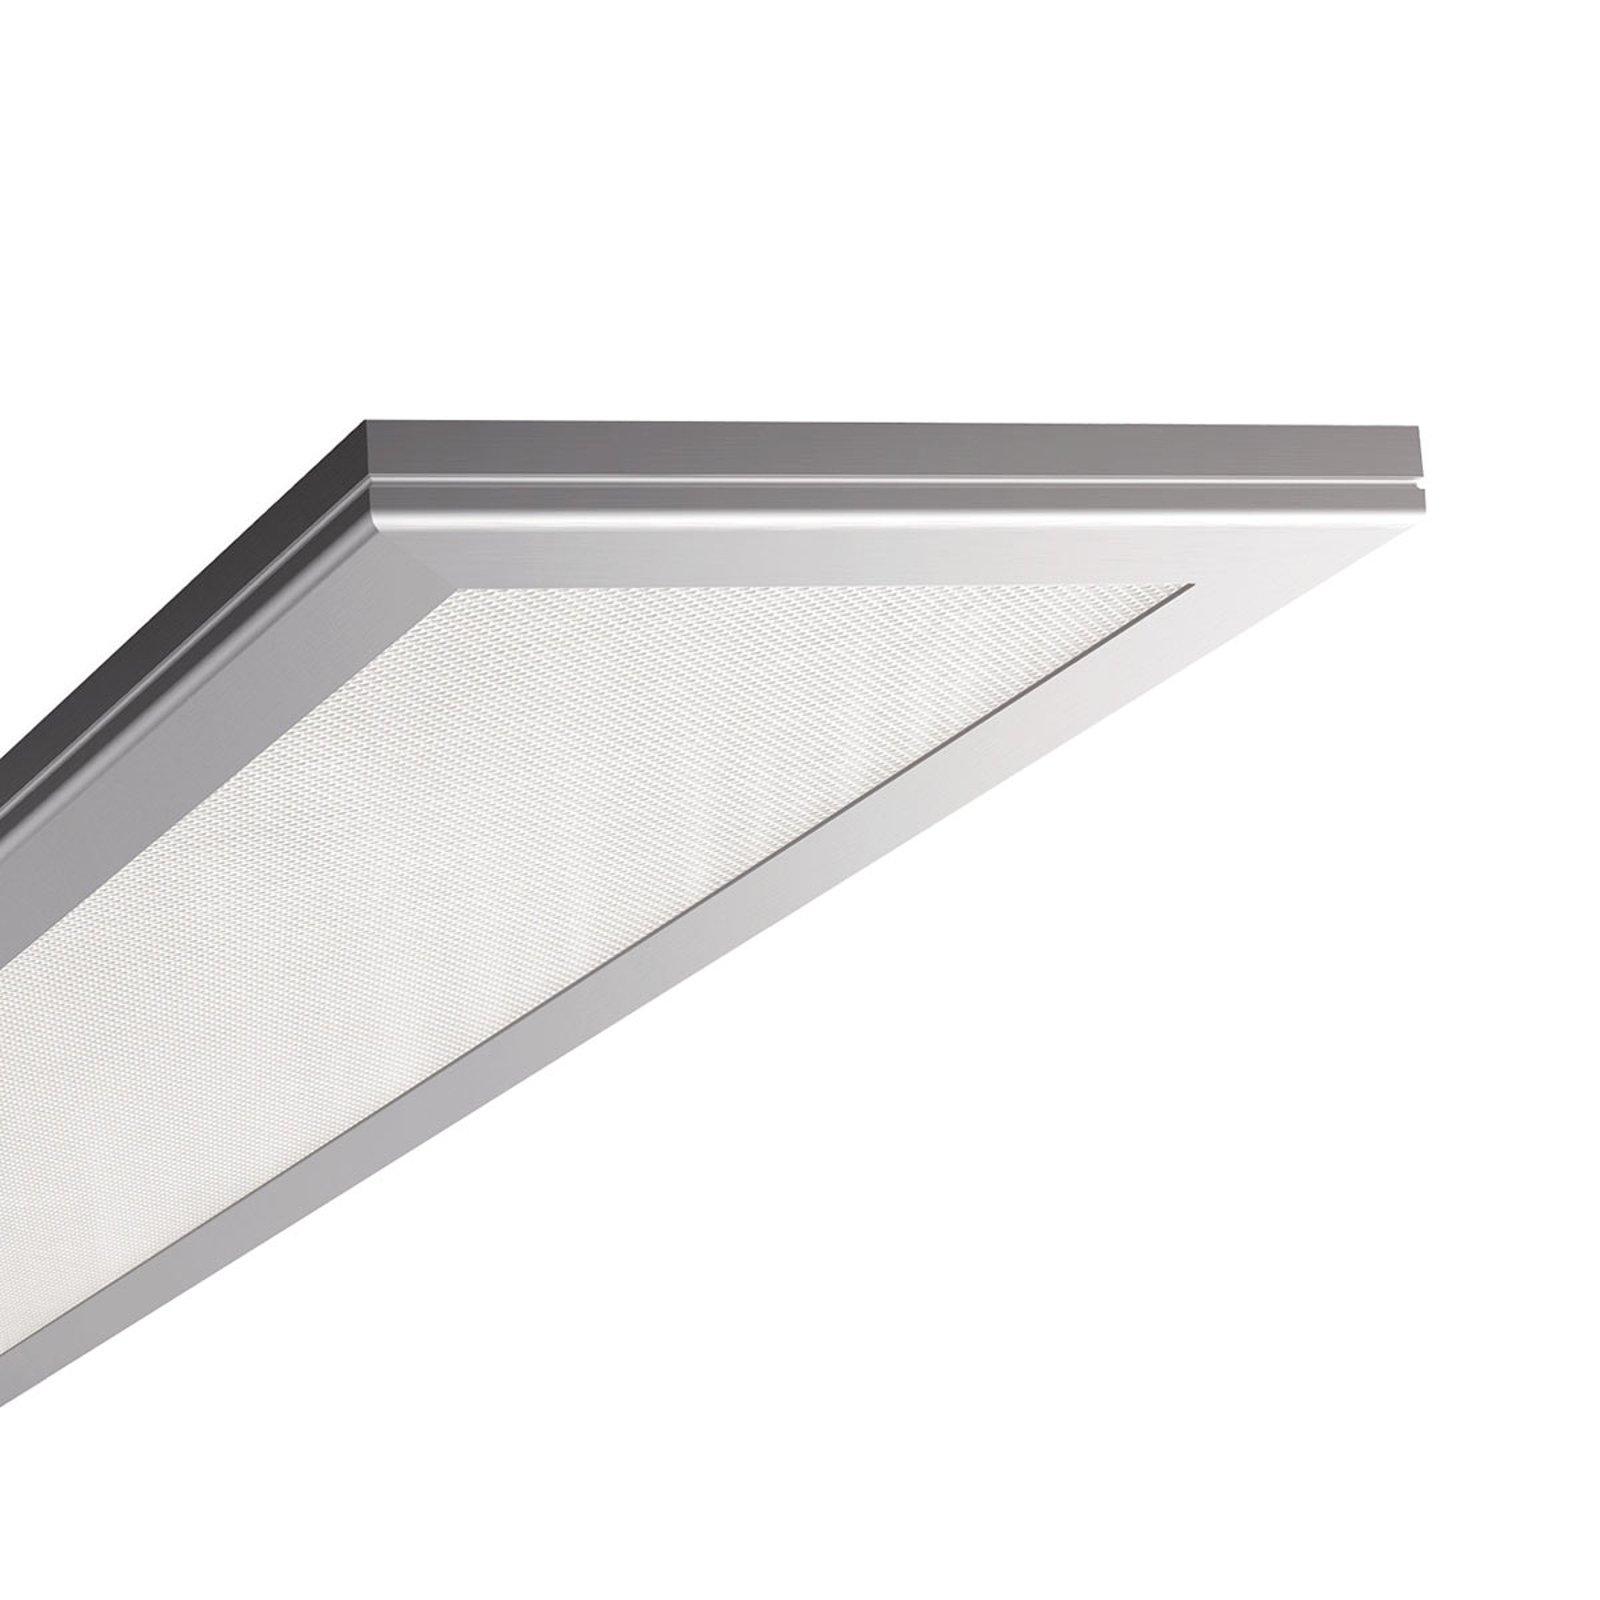 Mikroprismatisk LED-taklampe Visula BAP 150